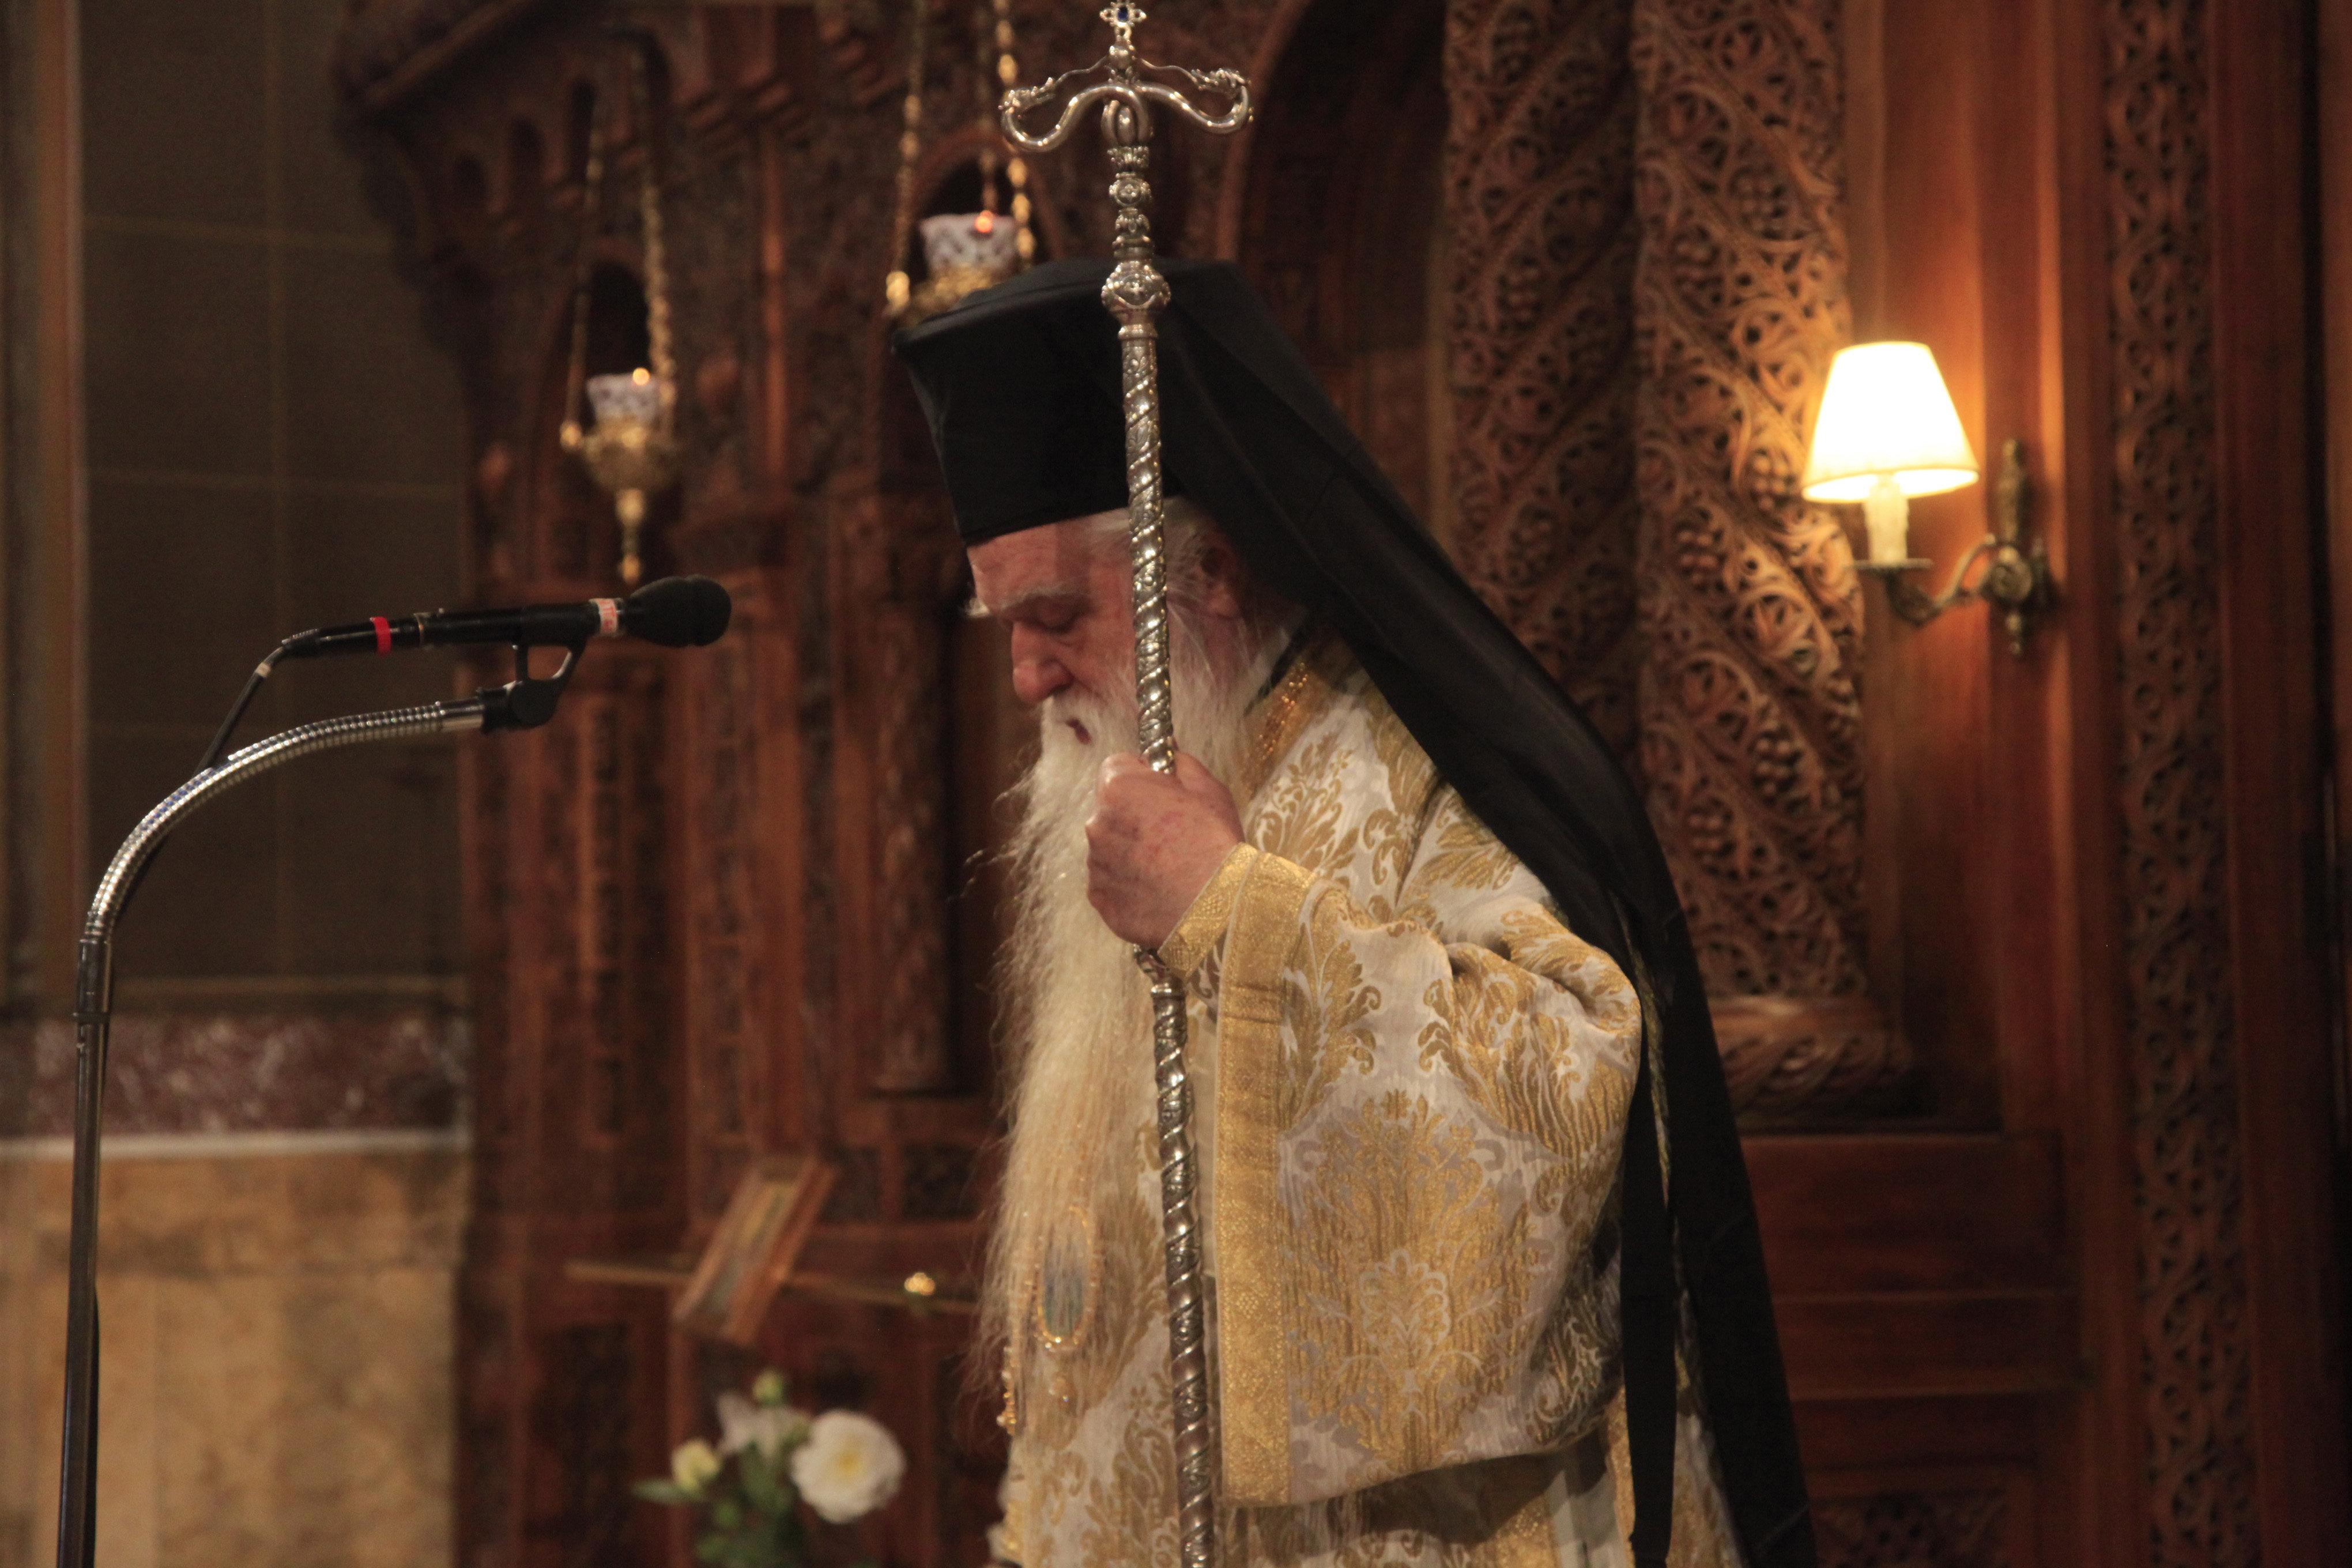 «Σκάσε επιτέλους, σταμάτα να πονάς τον κόσμο»: Η καταλληλότερη απάντηση στον Αμβρόσιο δια στόματος ιερέων και Μητροπολιτών